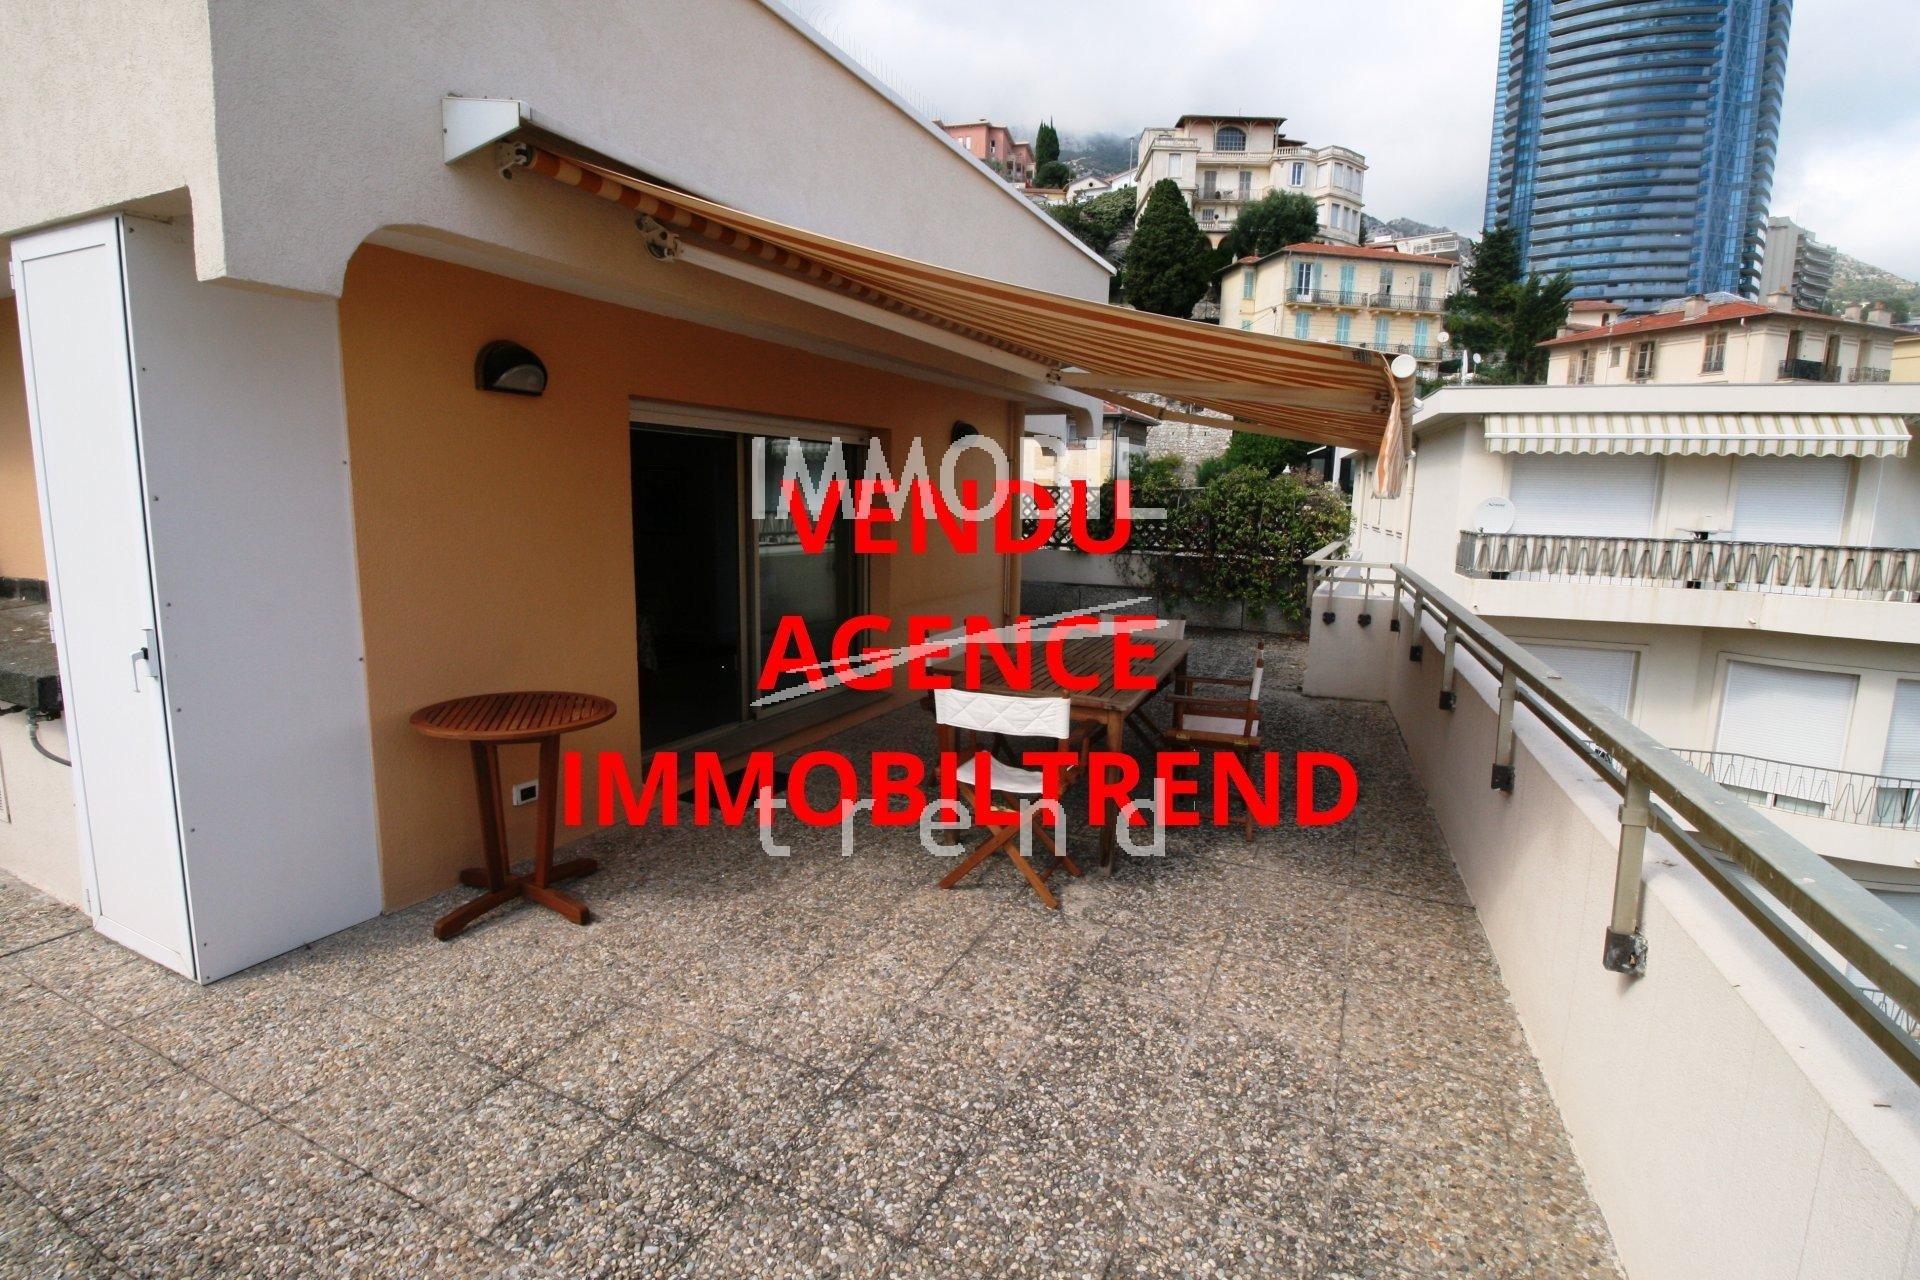 Immobilier Beausoleil à deux pas de Monaco, 2 pieces en dernier étage